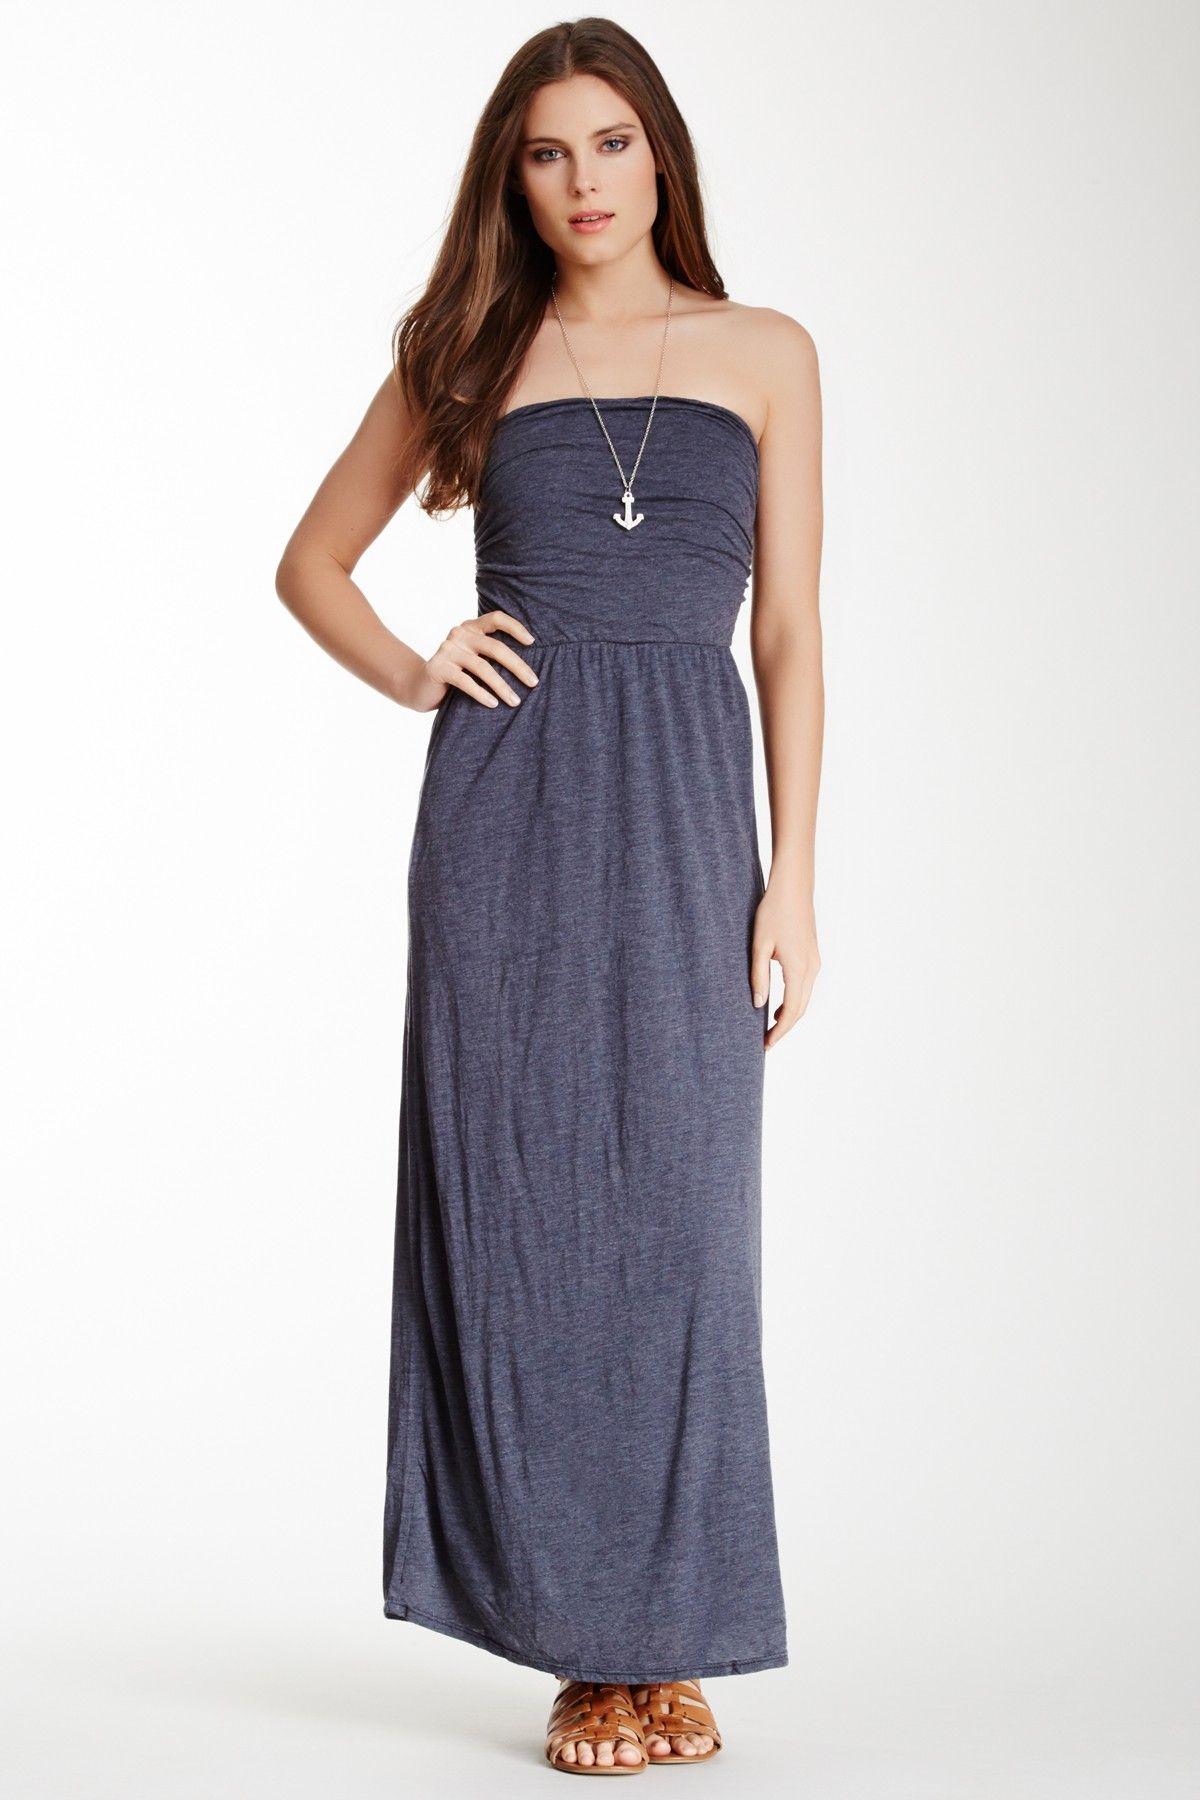 Splendid Summer Strapless Maxi Dress | sexy | Pinterest